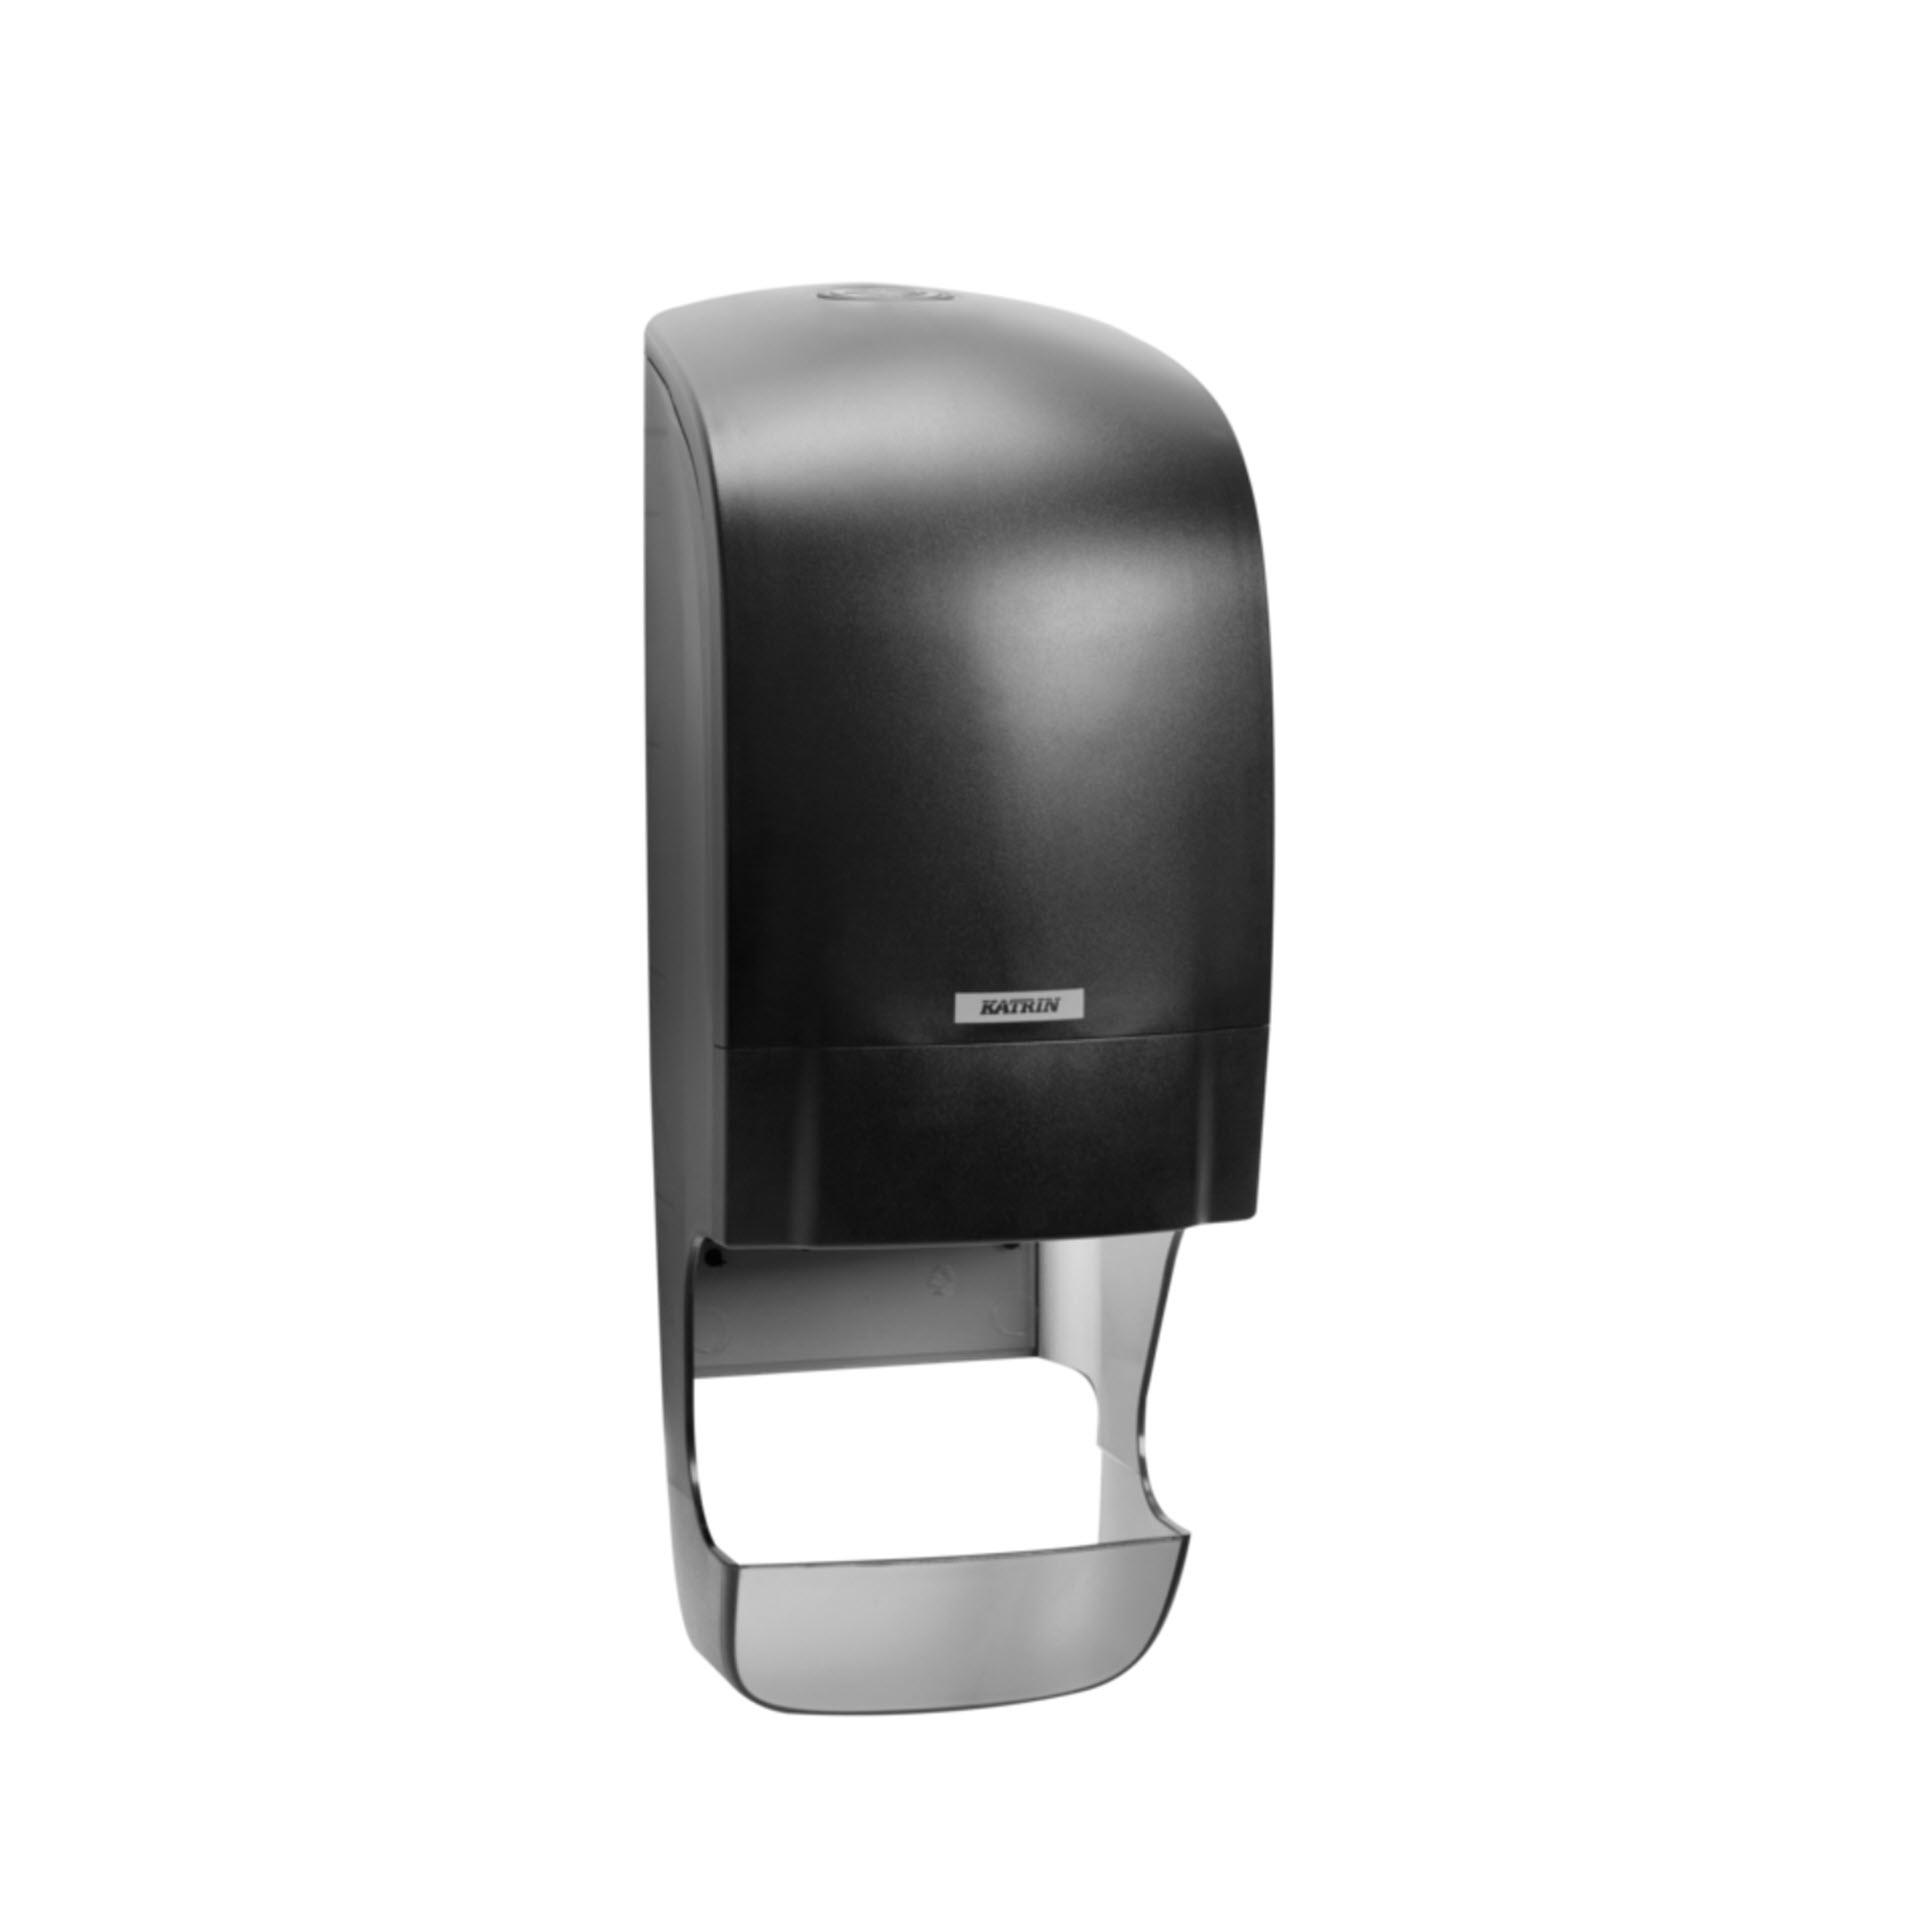 Katrin Inclusive System Toilettenpapierspender mit Hülsenfänger - 901440/920490